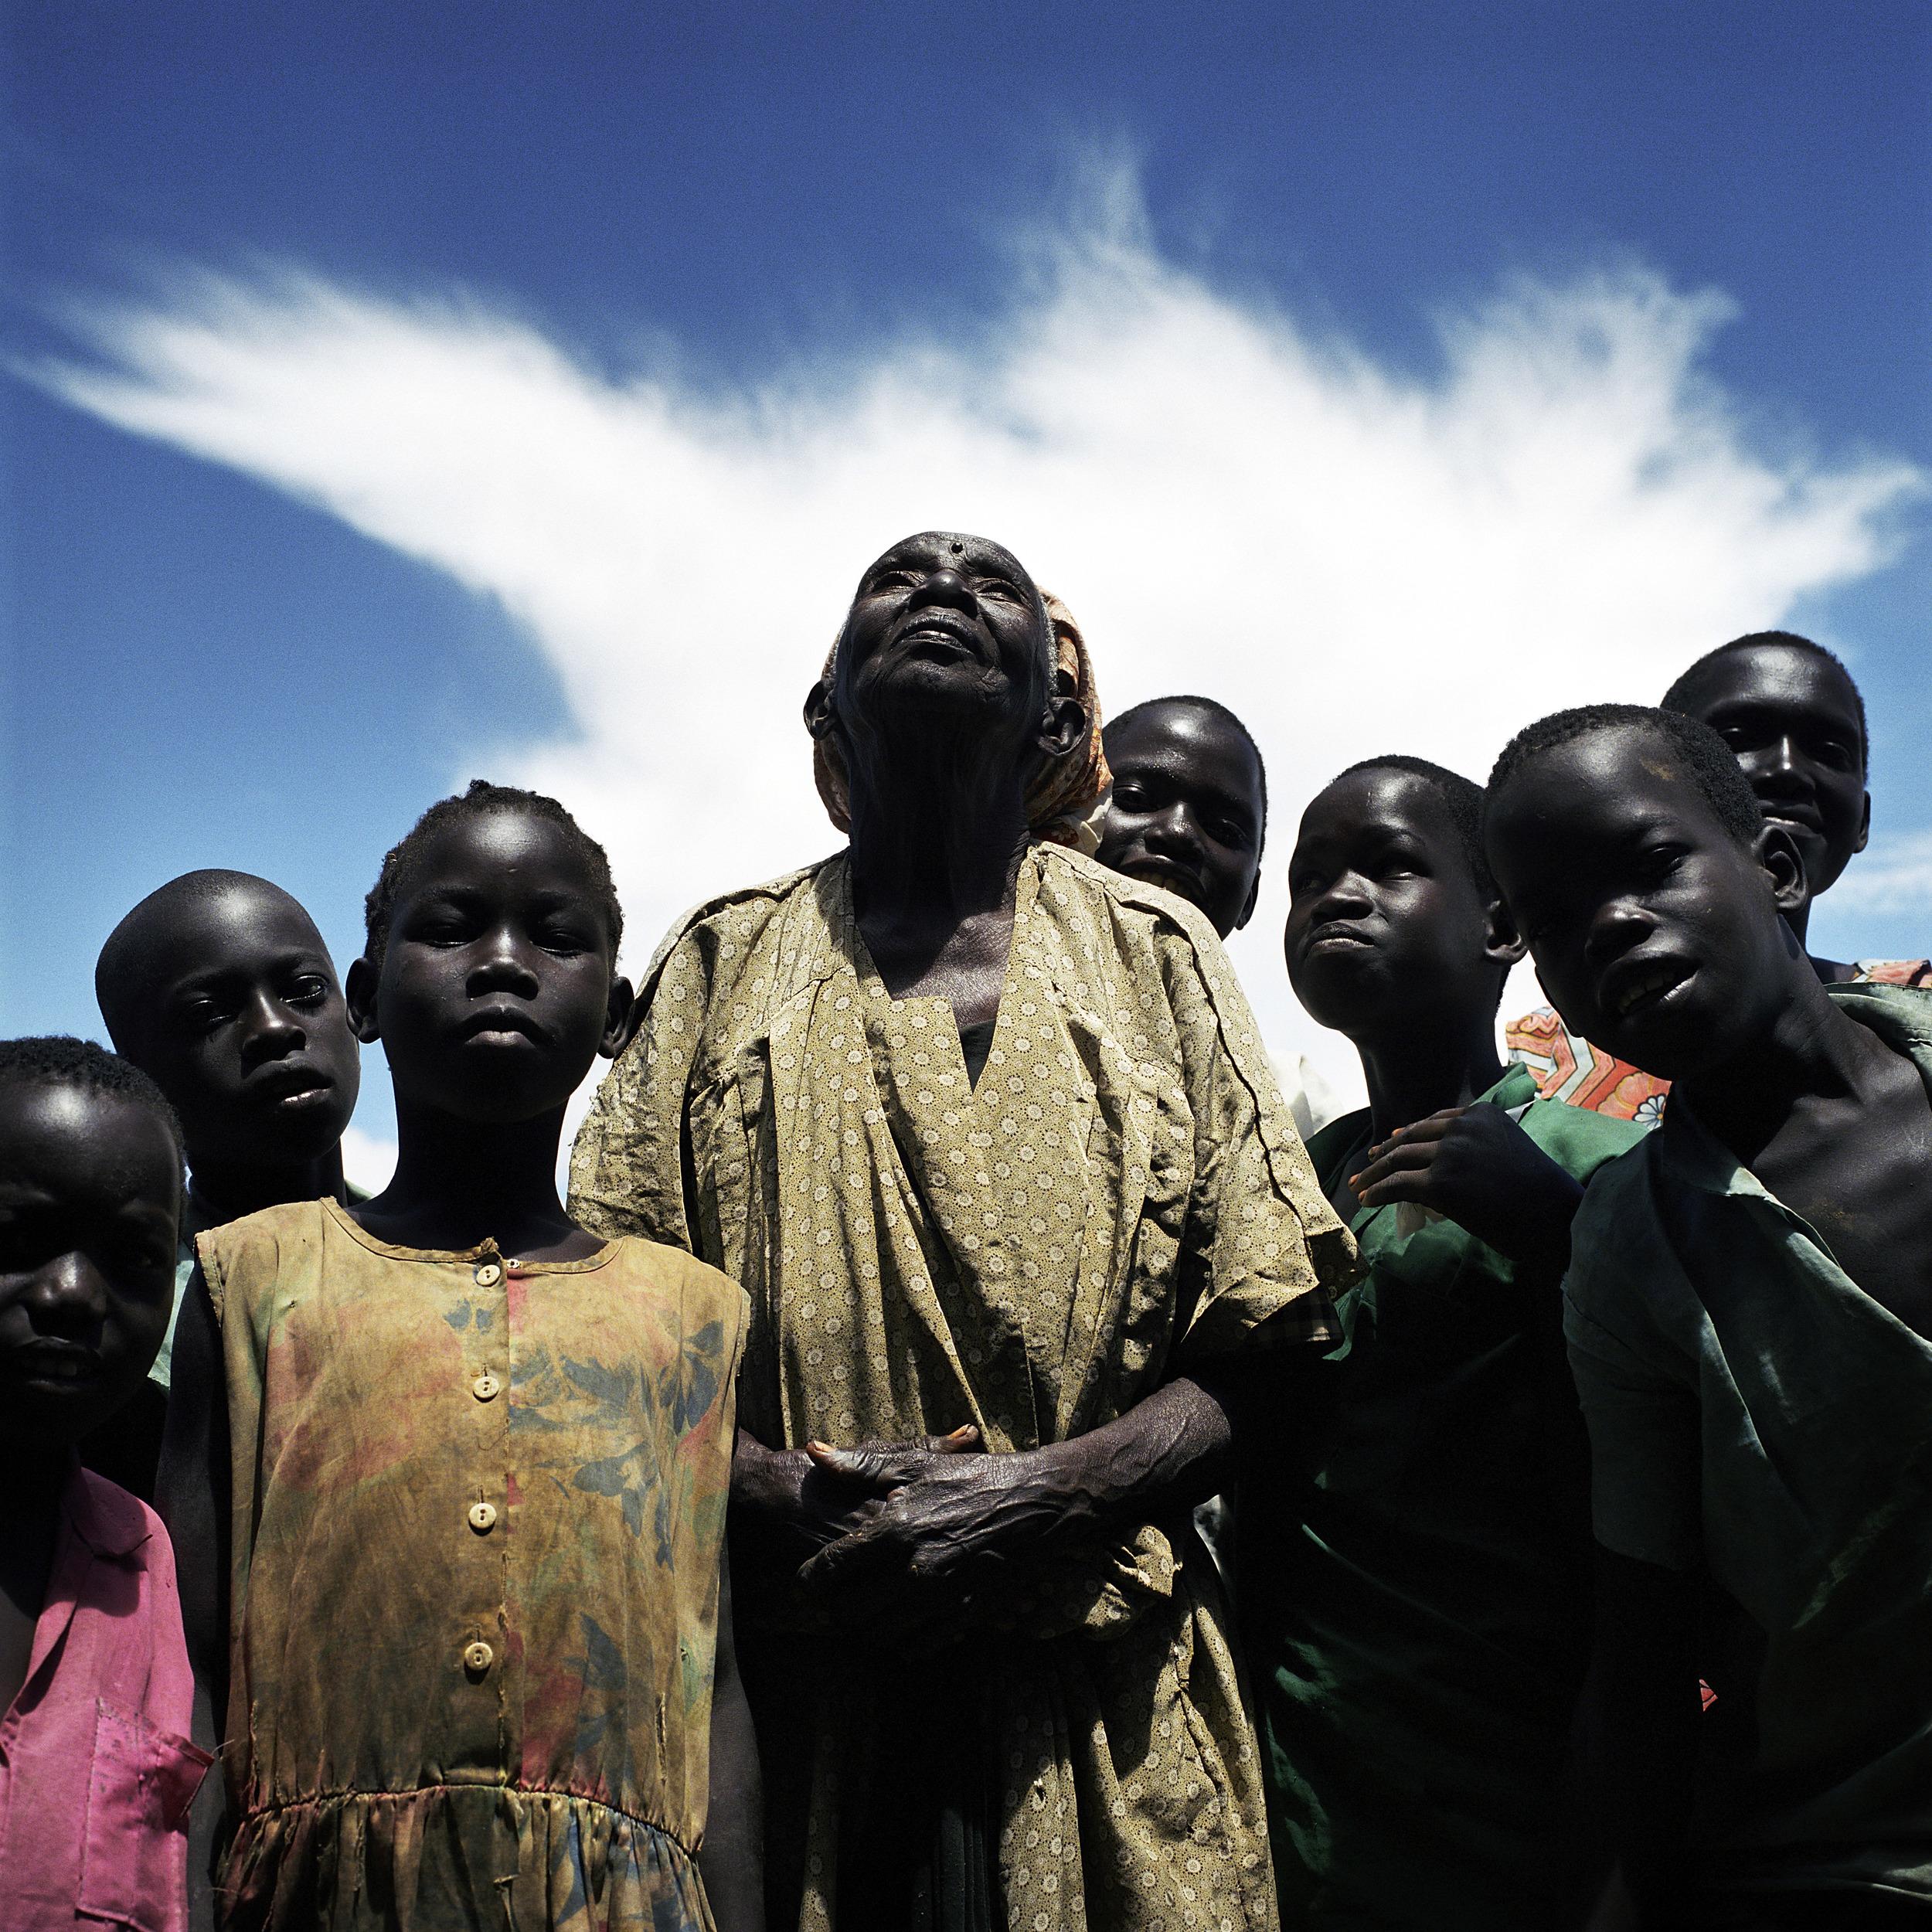 Uganda, Omoro